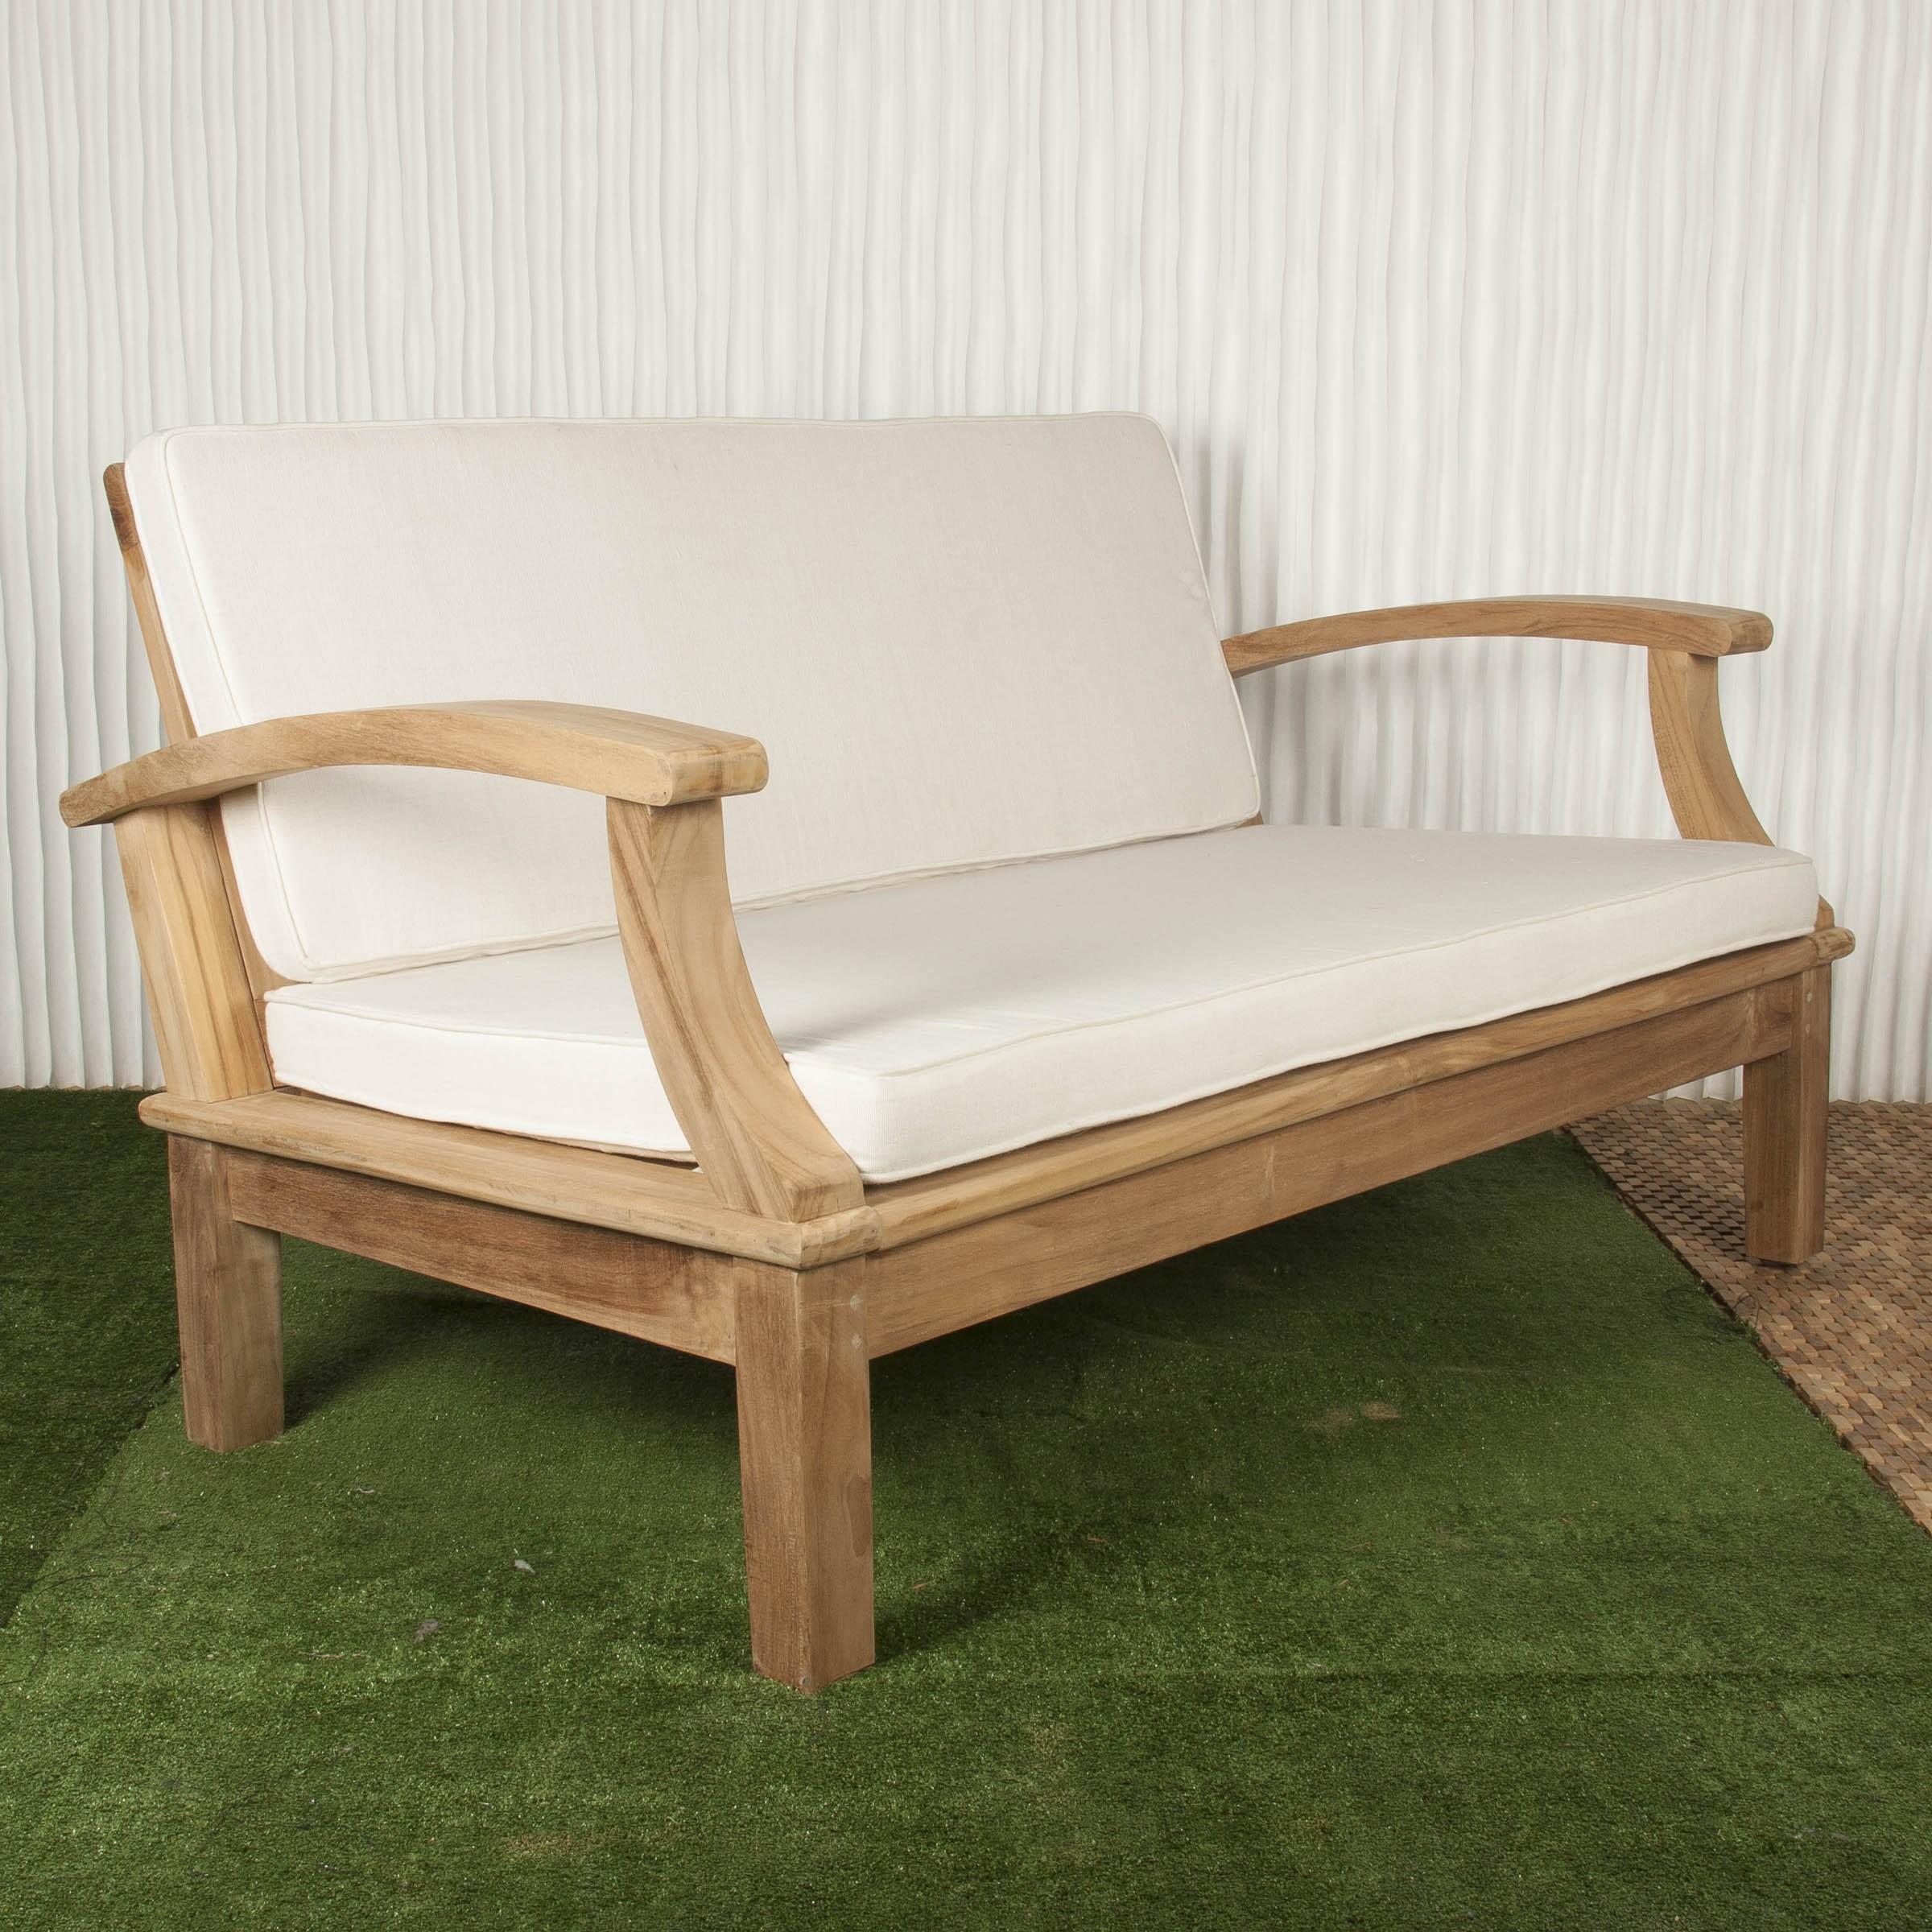 Sof exterior y sof de madera batavia for Sofa de madera para terraza